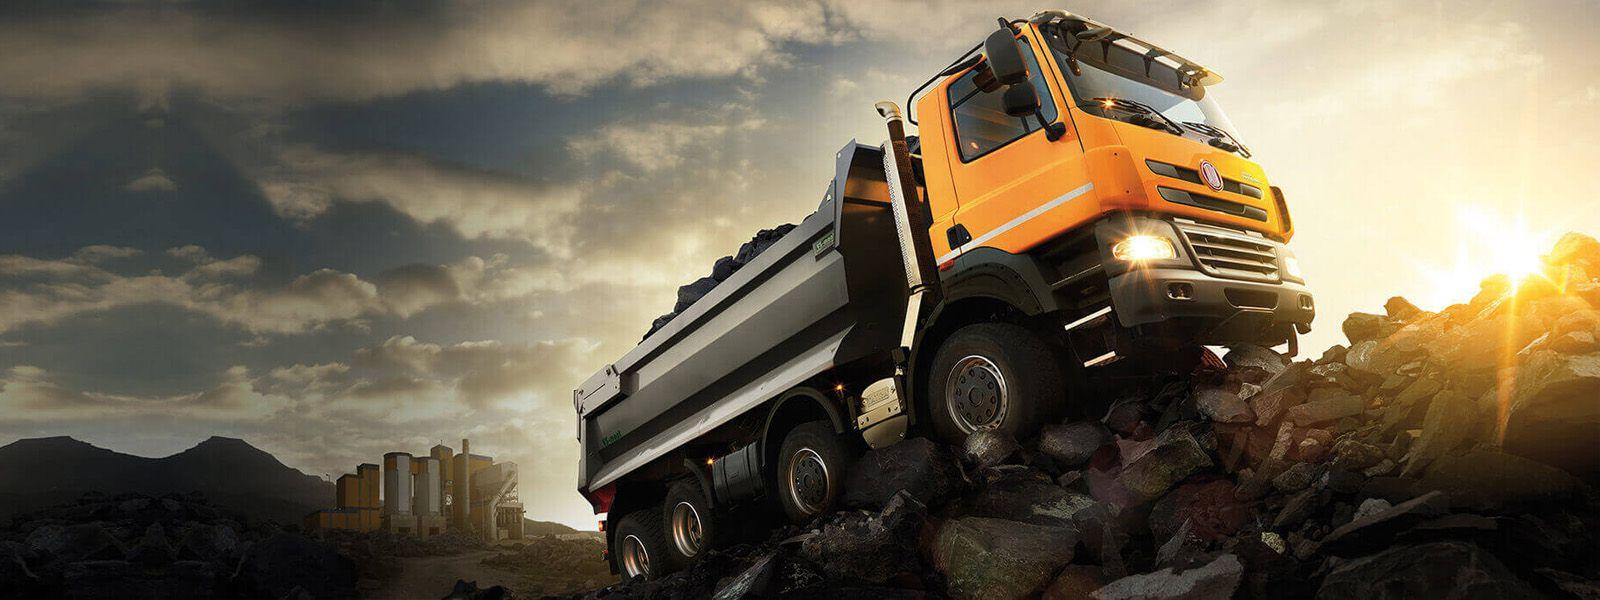 最强运输货车—— 百变车型,跃动于行。